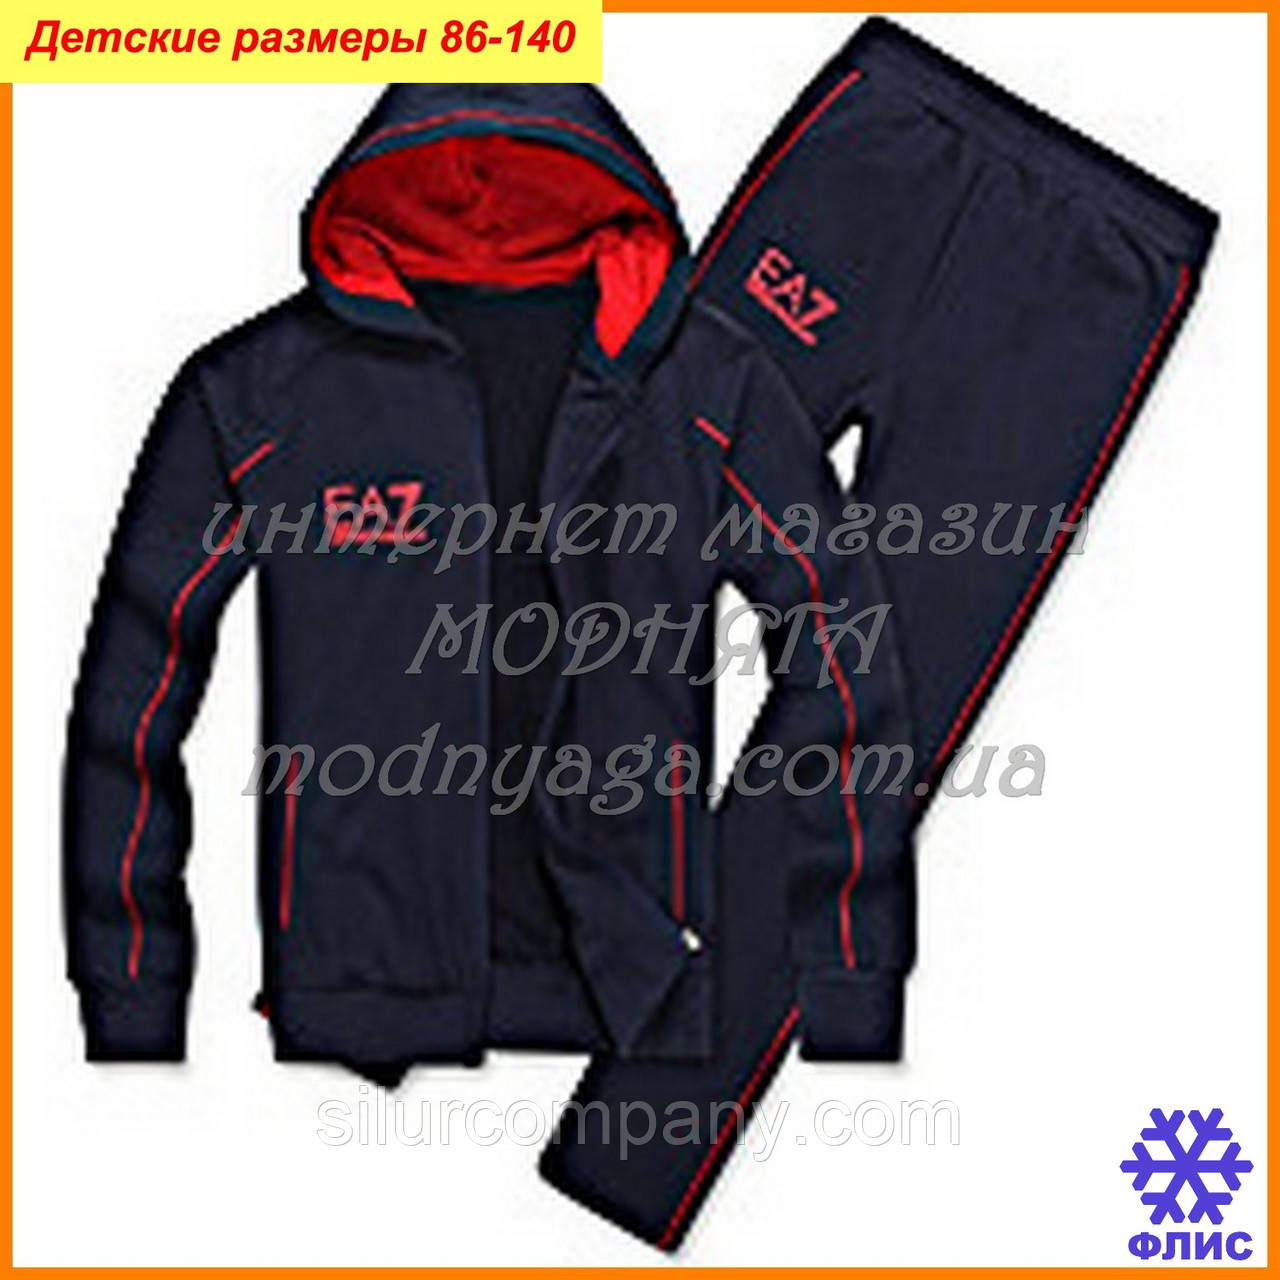 96d4dcb60ac Утепленные спортивные костюмы детские Индонезия - Интернет магазин